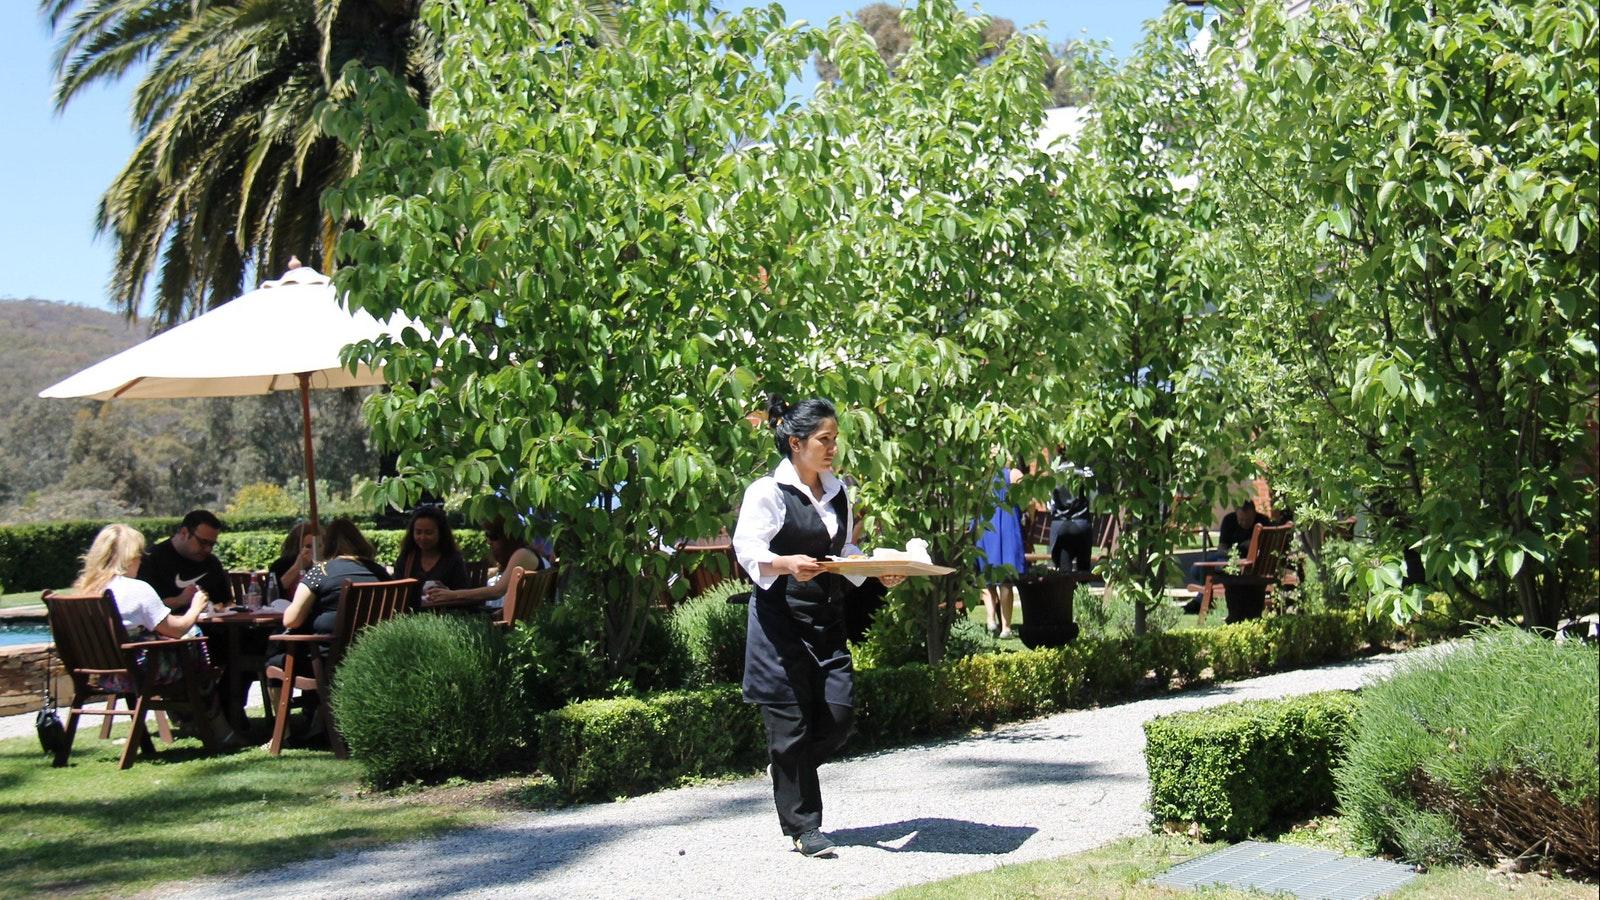 Tastings outdoor dining